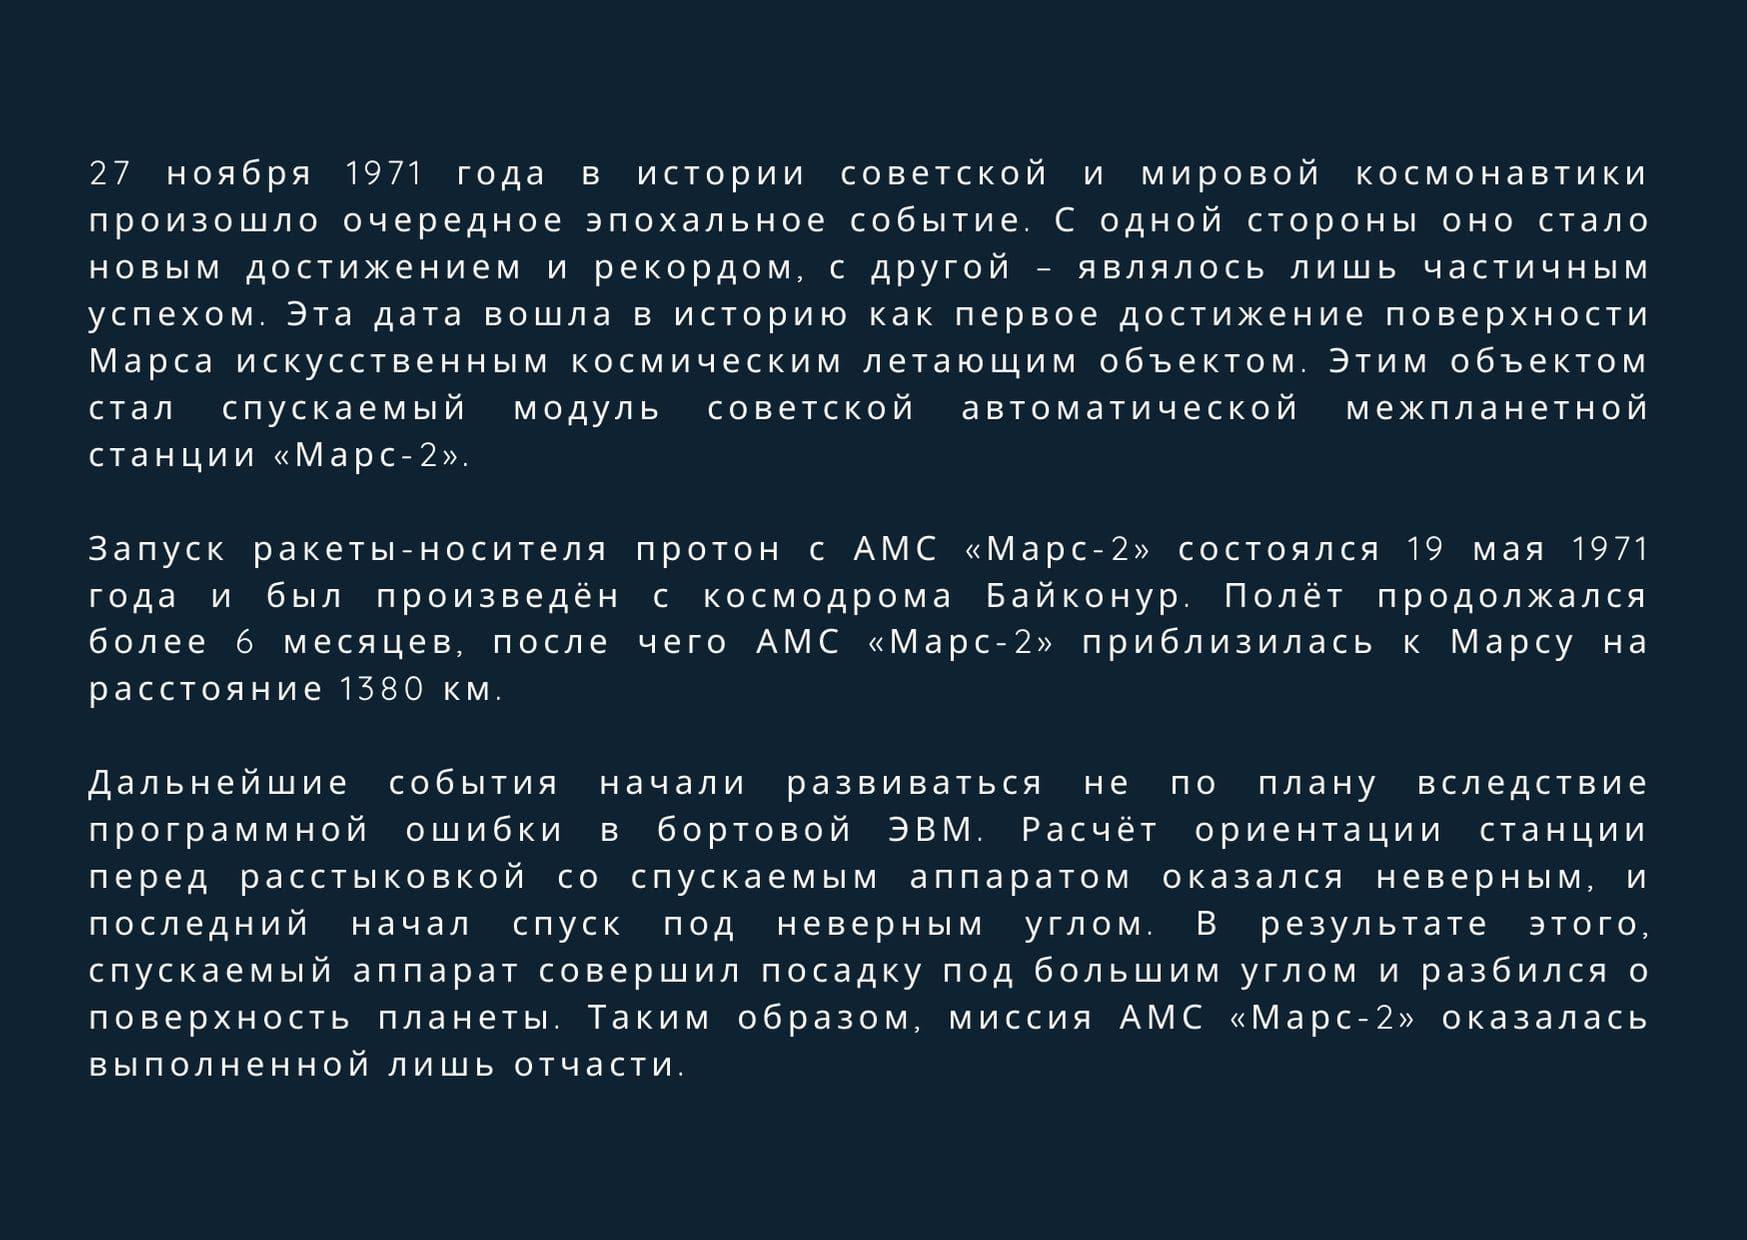 27 ноября 1971 года в истории советской и мировой космонавтики произошло